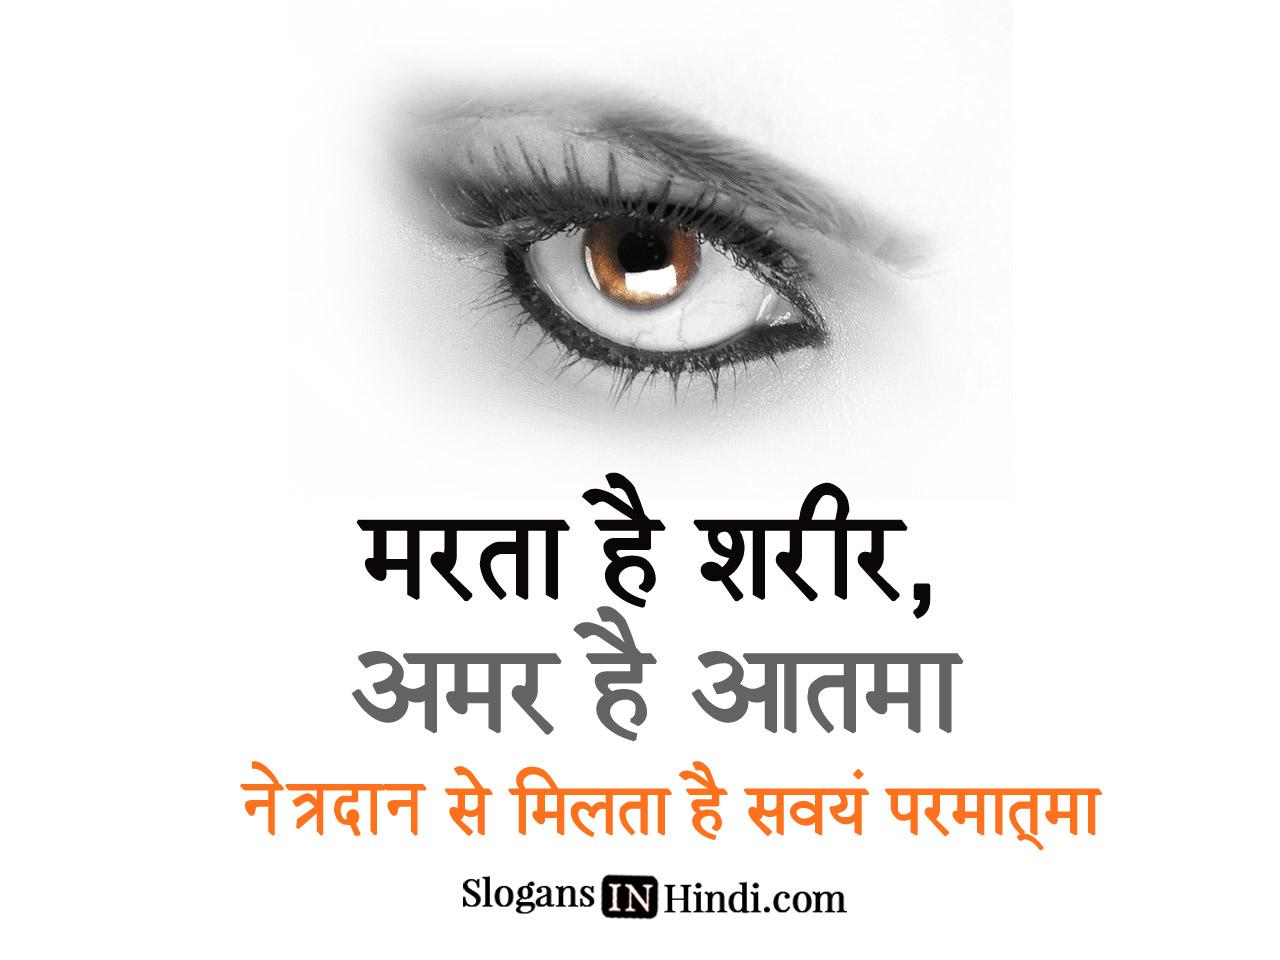 eye donation in marathi translation Marathi news – maharashtra times, marathi news paper brings latest news in marathi, marathi batmya,ताज्या मराठी बातम्या from maharashtra, india and world.